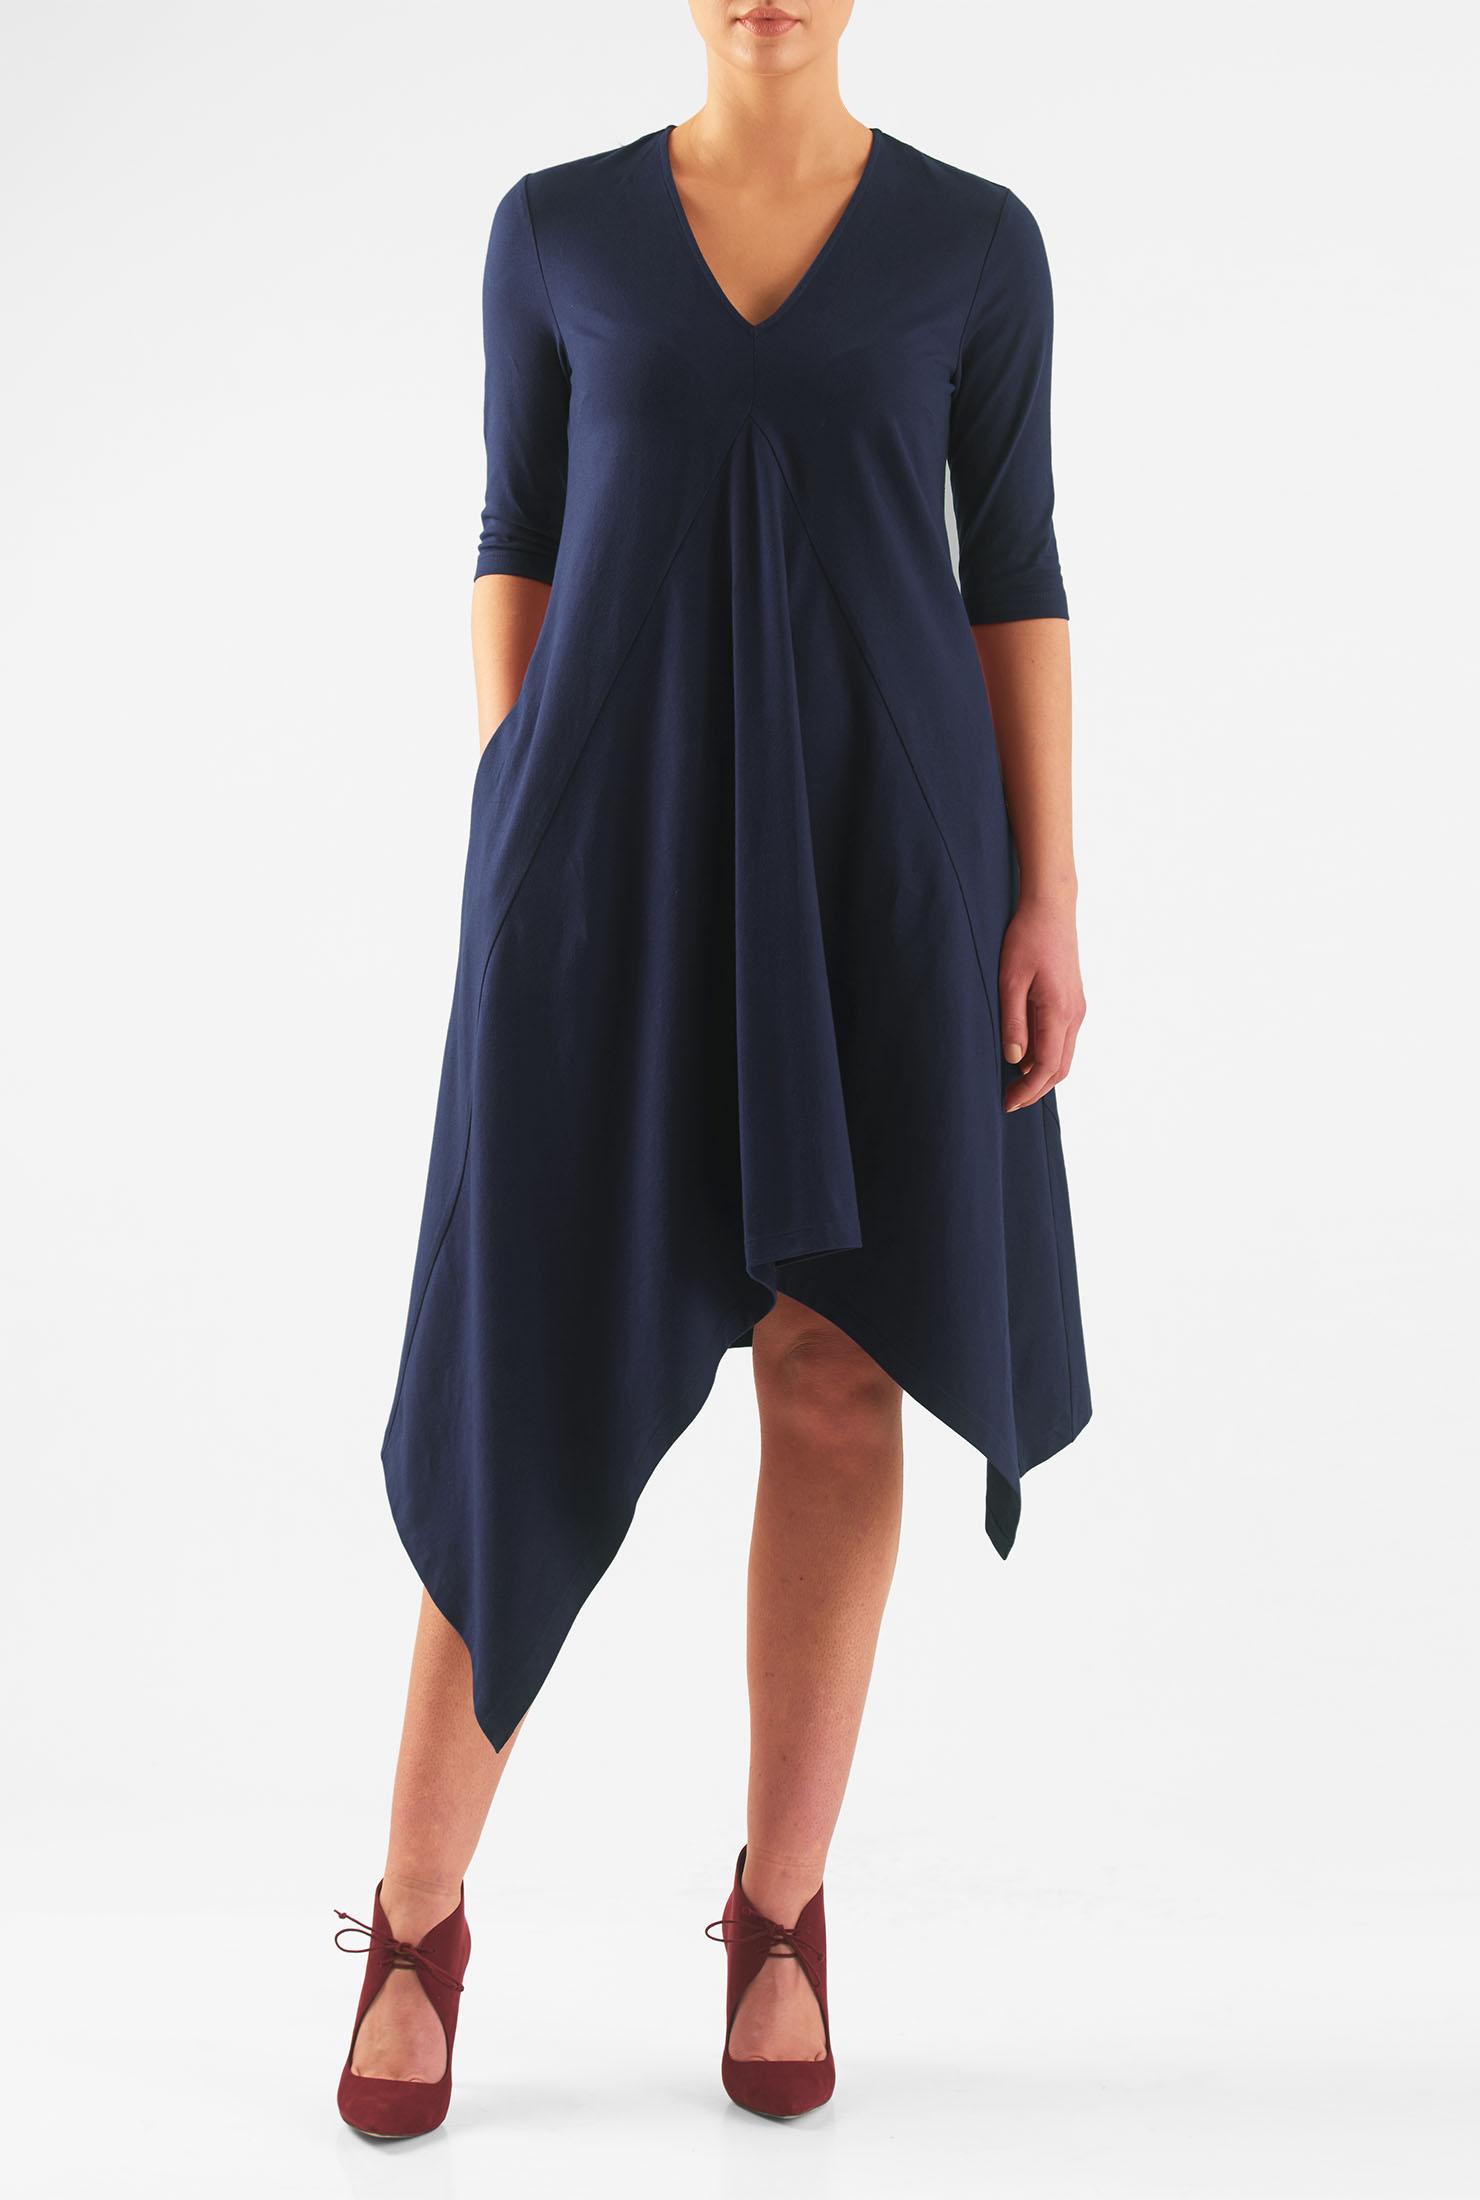 Eshakti Womens Asymmetric Hem Cotton Knit Dress